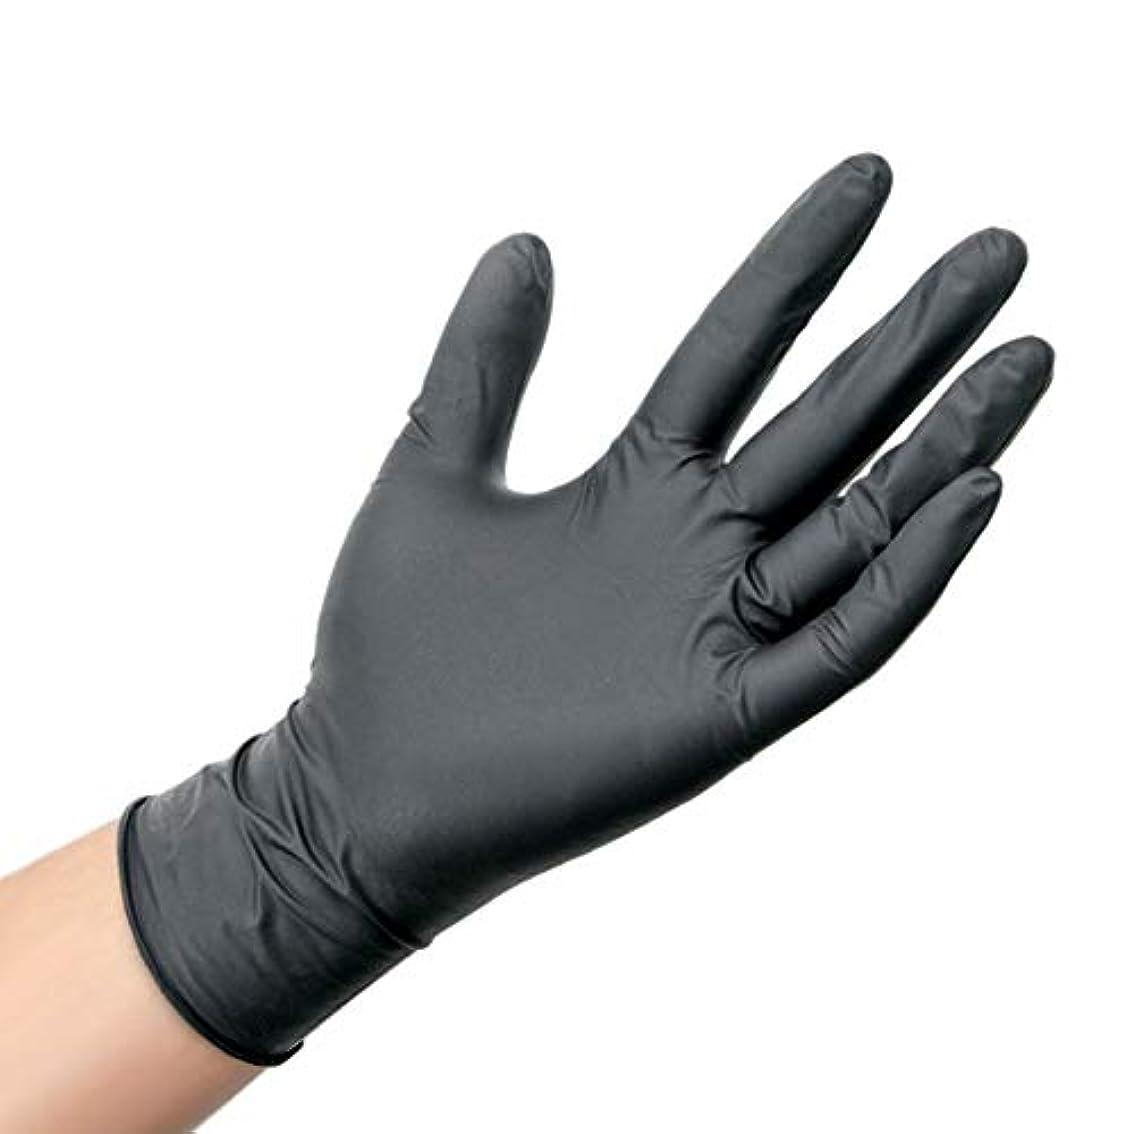 トランジスタリハーサル怒る肥厚した抗酸とアルカリの帯電防止保護手袋使い捨て工業用ニトリルゴム手袋 YANW (色 : ブラック, サイズ さいず : M m)